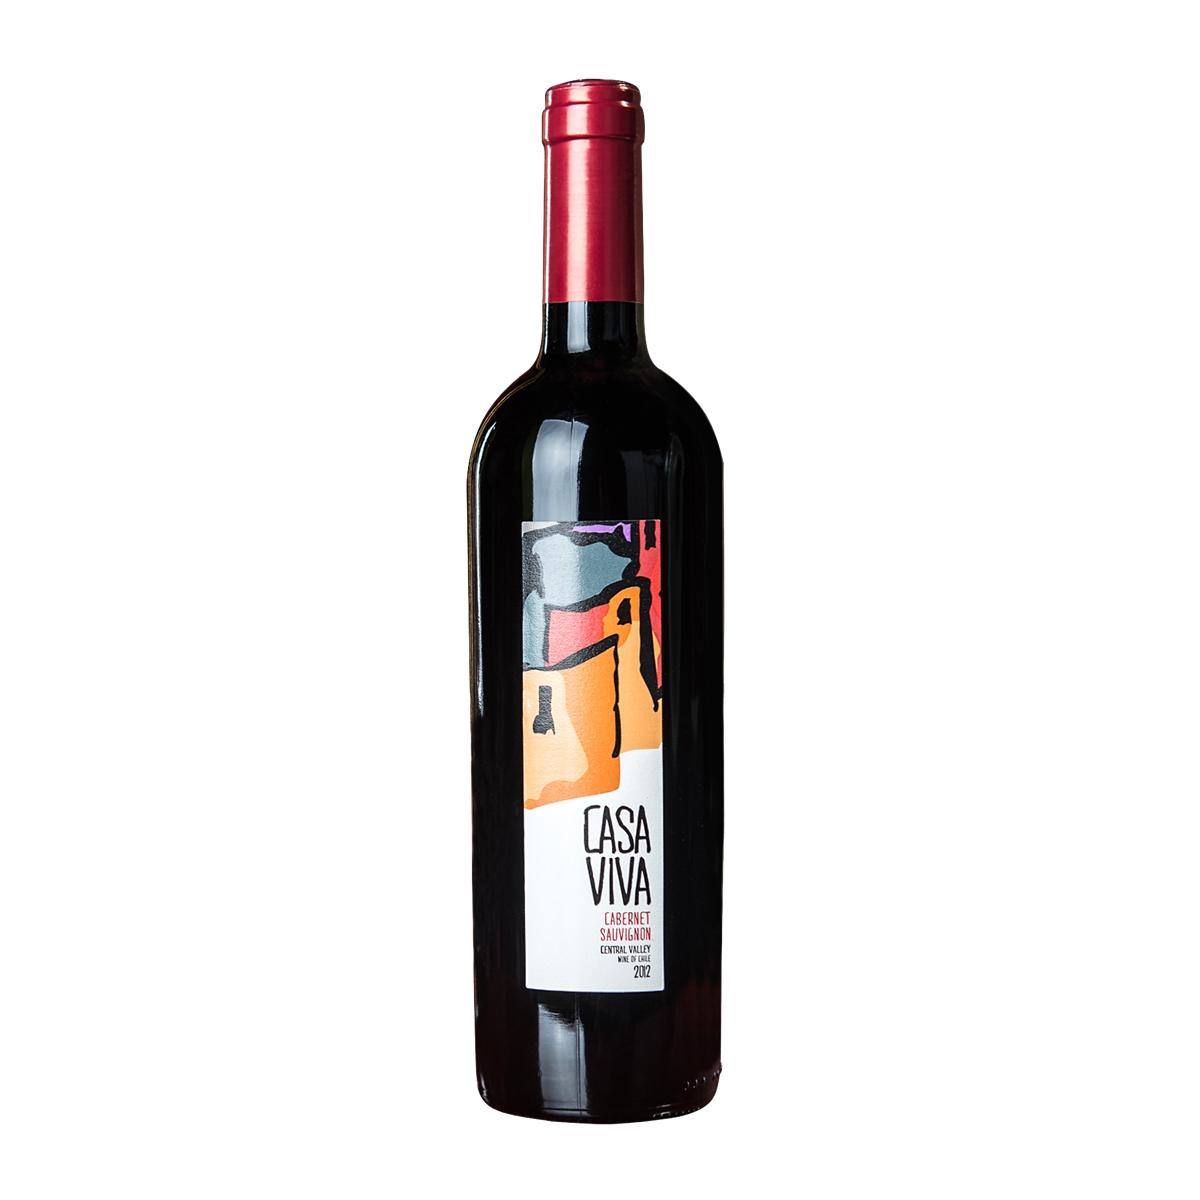 卡萨天堂赤霞珠干红葡萄酒